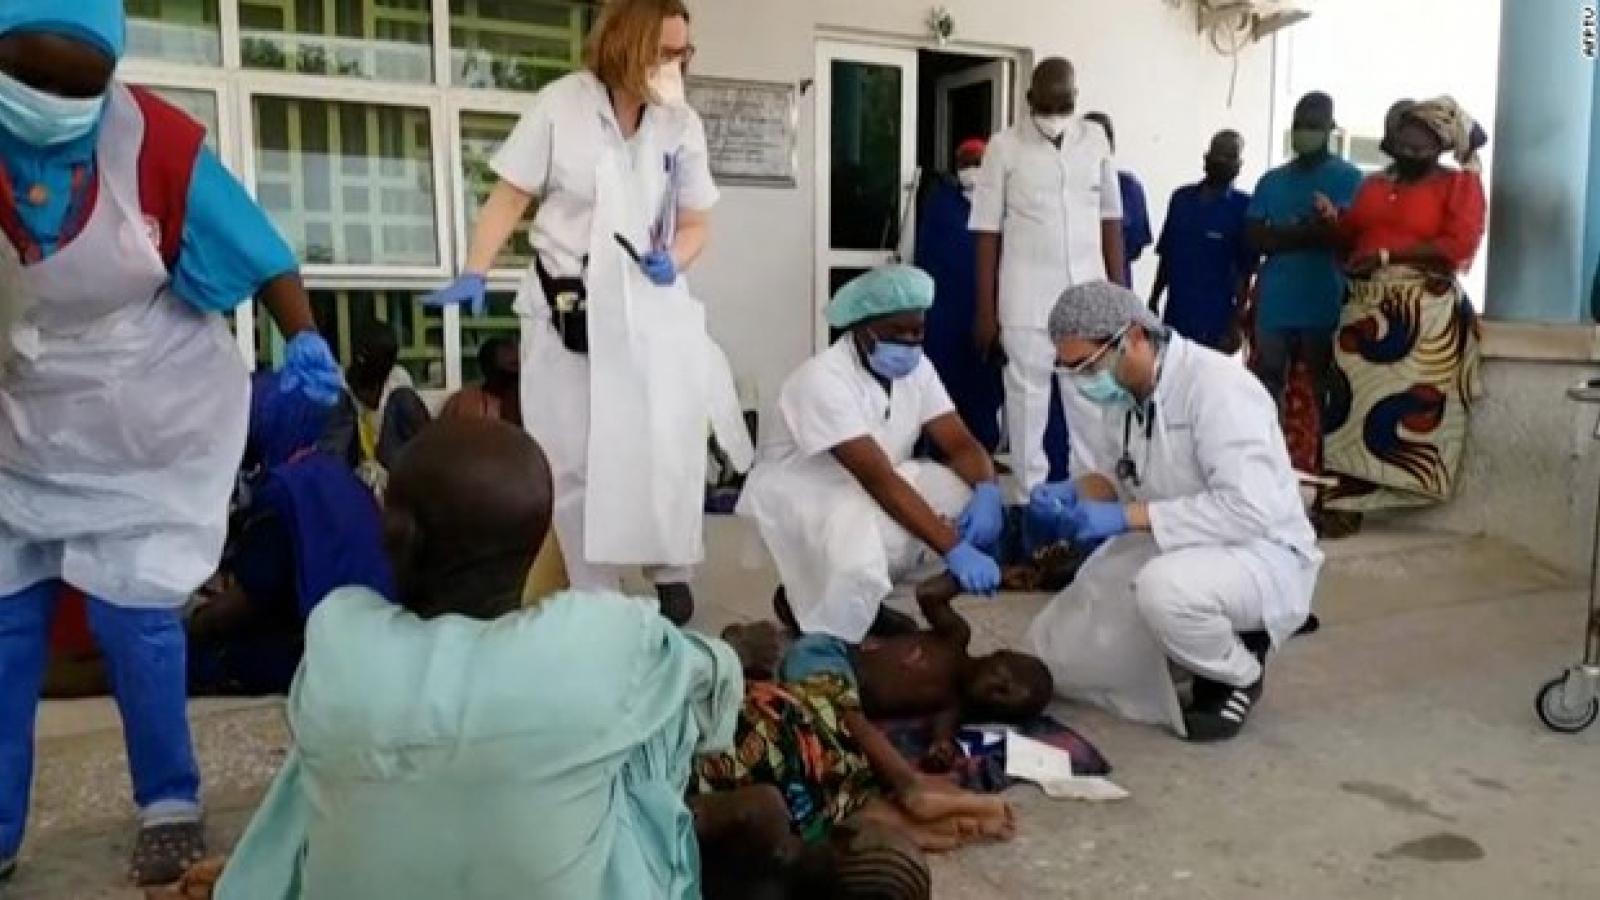 Lật thuyền tại Nigeria làm ít nhất 26 người thiệt mạng, 98 người mất tích